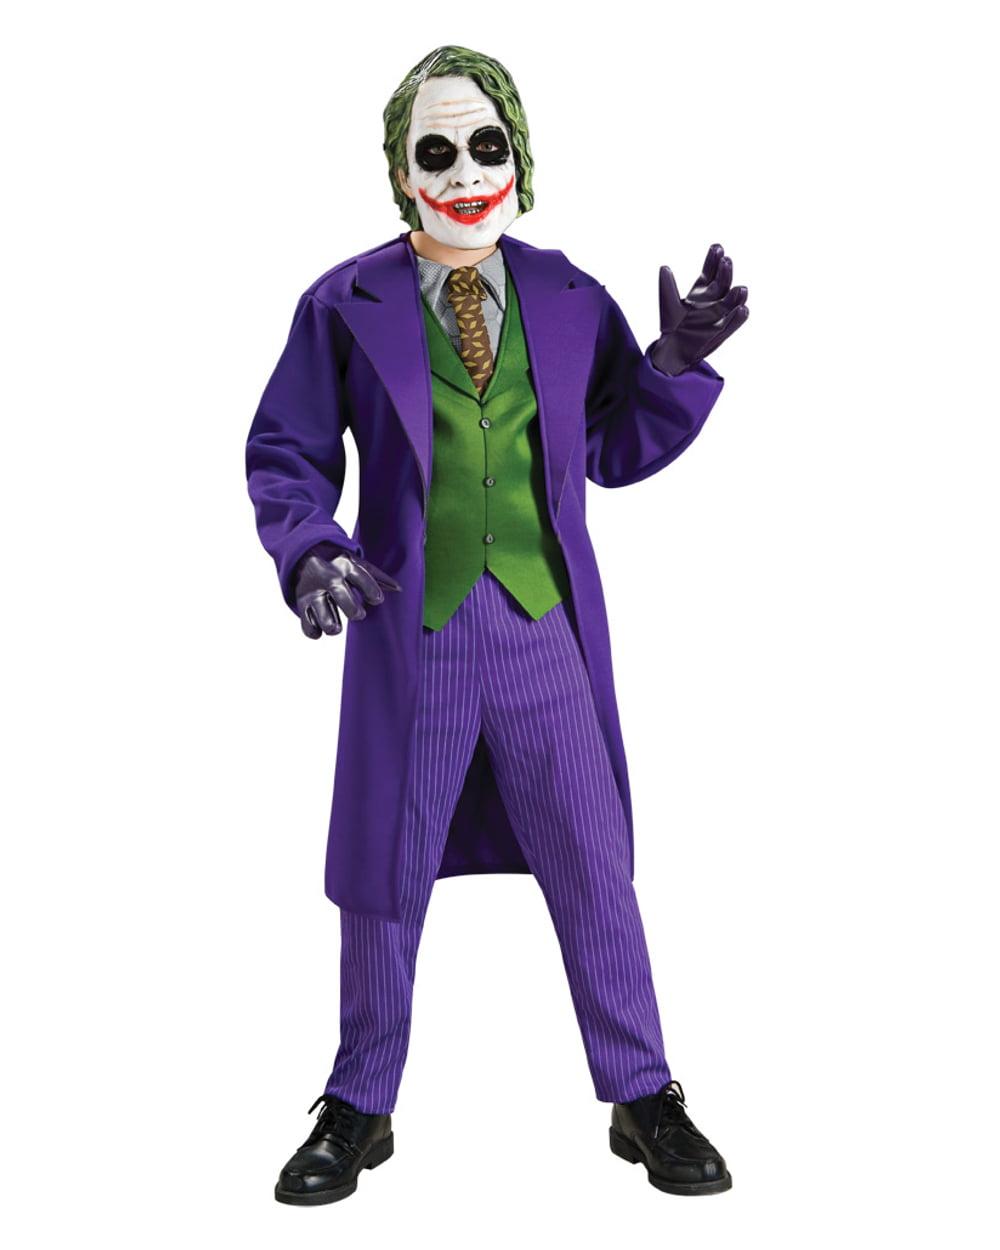 Batman Joker Deluxe Child Halloween Costume  sc 1 st  Walmart.com & Joker Costumes